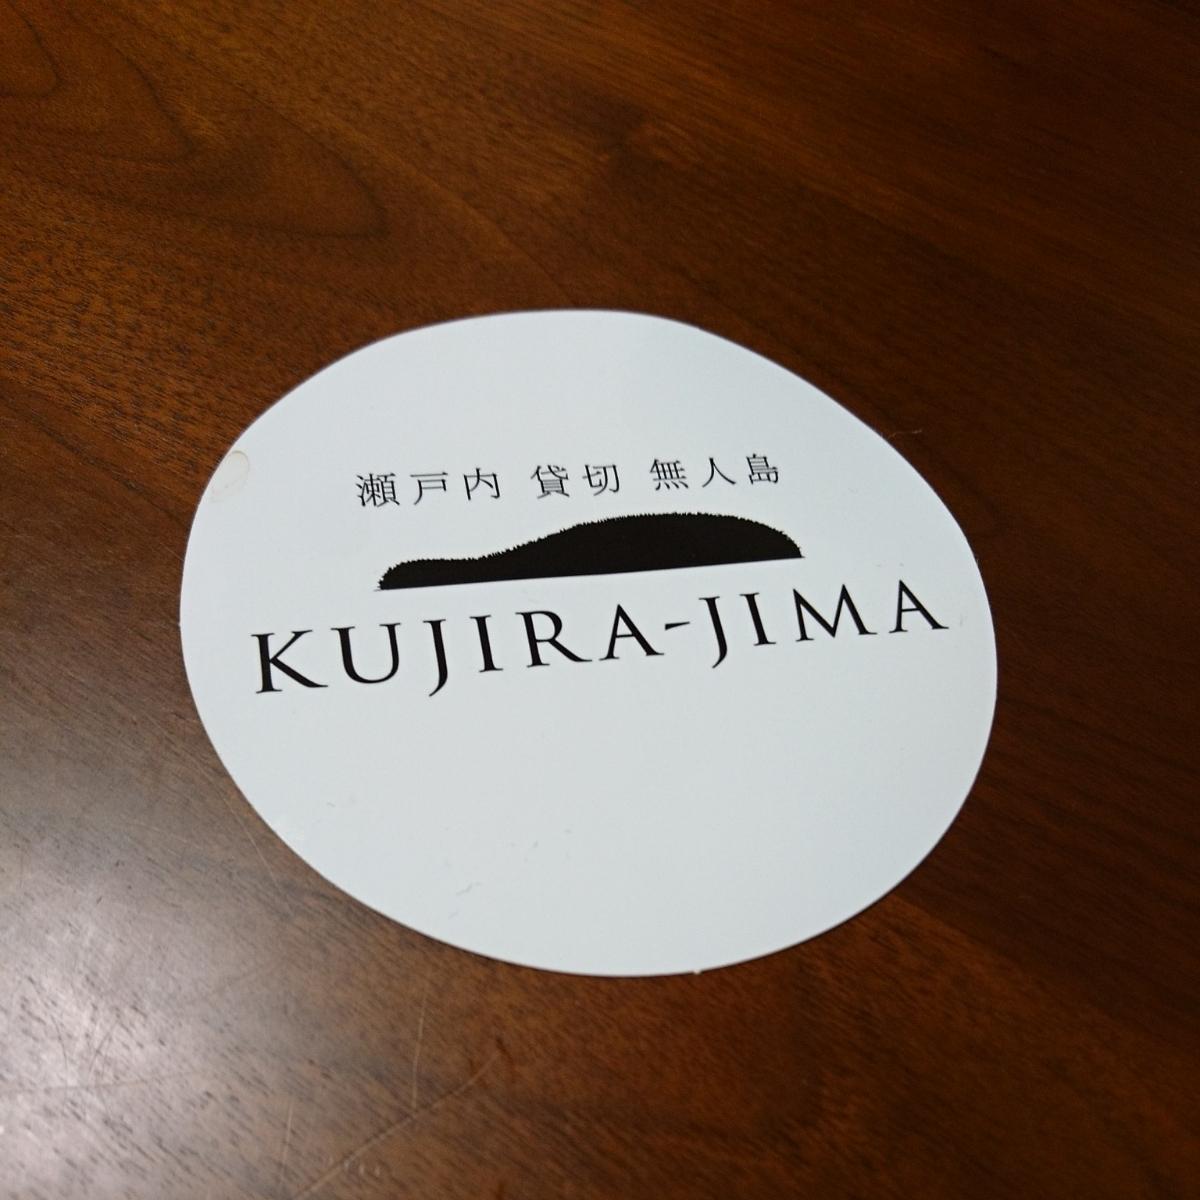 ステッカー「瀬戸内 貸切無人島 KUJIRA-JIMA」_画像1